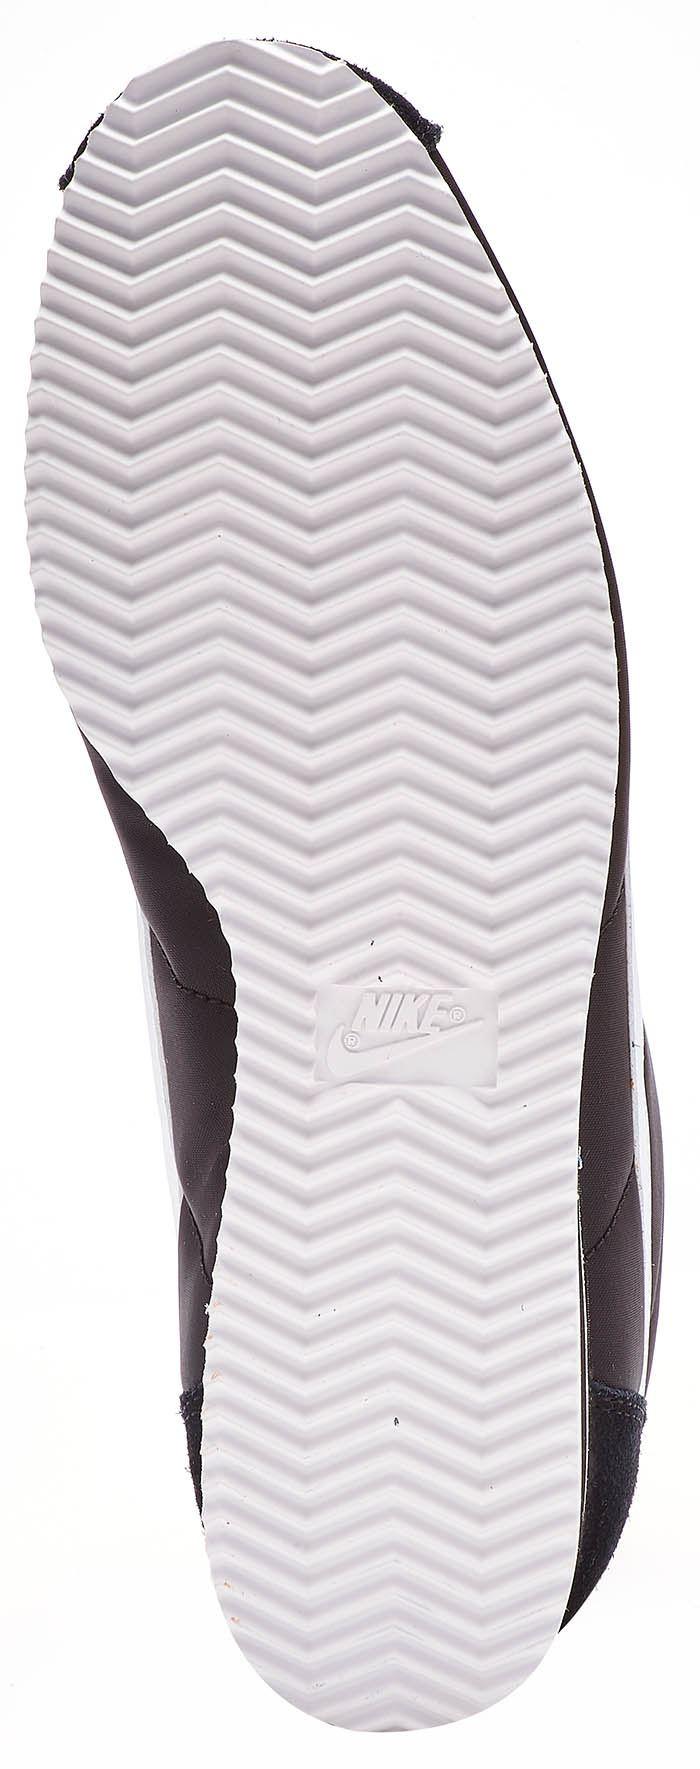 nike classic cortez & & ultra raiders & cortez leather se treiners en noir, blanc et gris f81961